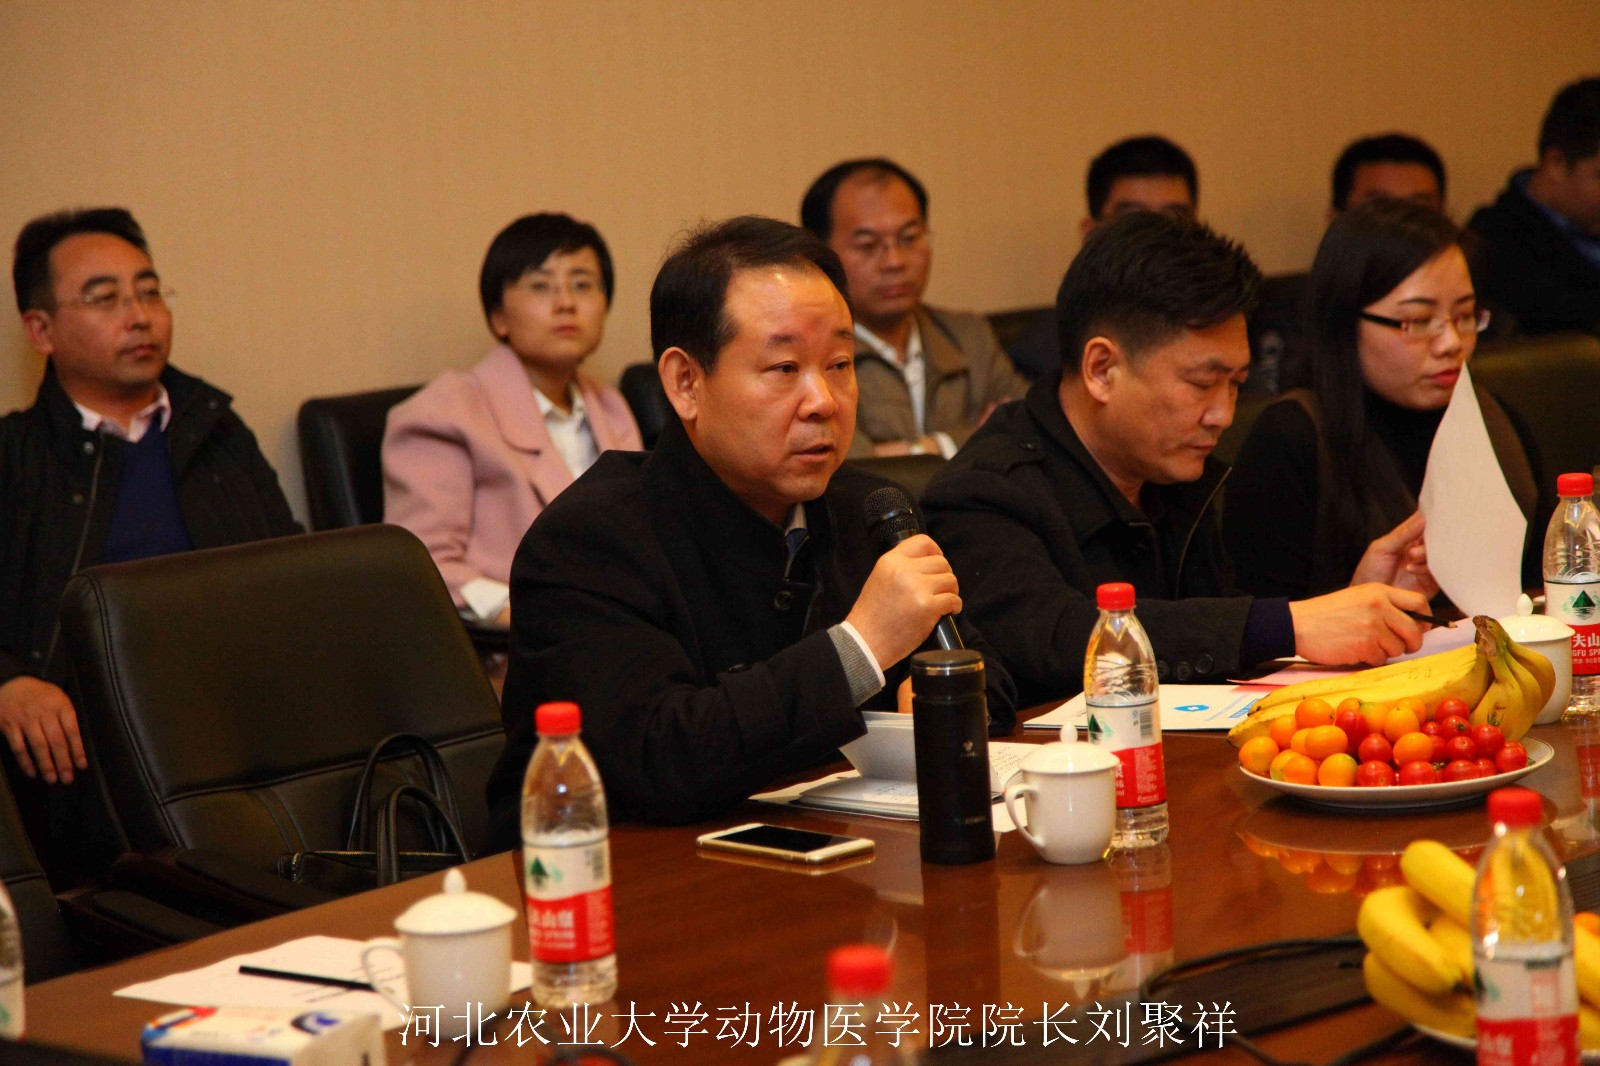 3月15日,北京中科基因实验室启动庆典在北京市大兴区隆重举行,行业主管领导、业界专家、企业代表、证劵机构、主流媒体等近60名嘉宾齐聚北京,共同见证了北京中科基因技术有限公司又一里程碑式的发展。北京中科基因技术有限公司总经理王文泉、副总经理赵坤坤等出席庆典并作报告。  启动庆典上,北京中科基因技术有限公司总经理王文泉对各位来宾的到来表示热烈的欢迎和衷心的感谢,并就目前我国兽医行业的发展趋势及中科基因的发展策略做了深入分析。王总指出,当前,规模化、集约化养殖已成为一种发展趋势,各种动物疫病和外来病频发,严重